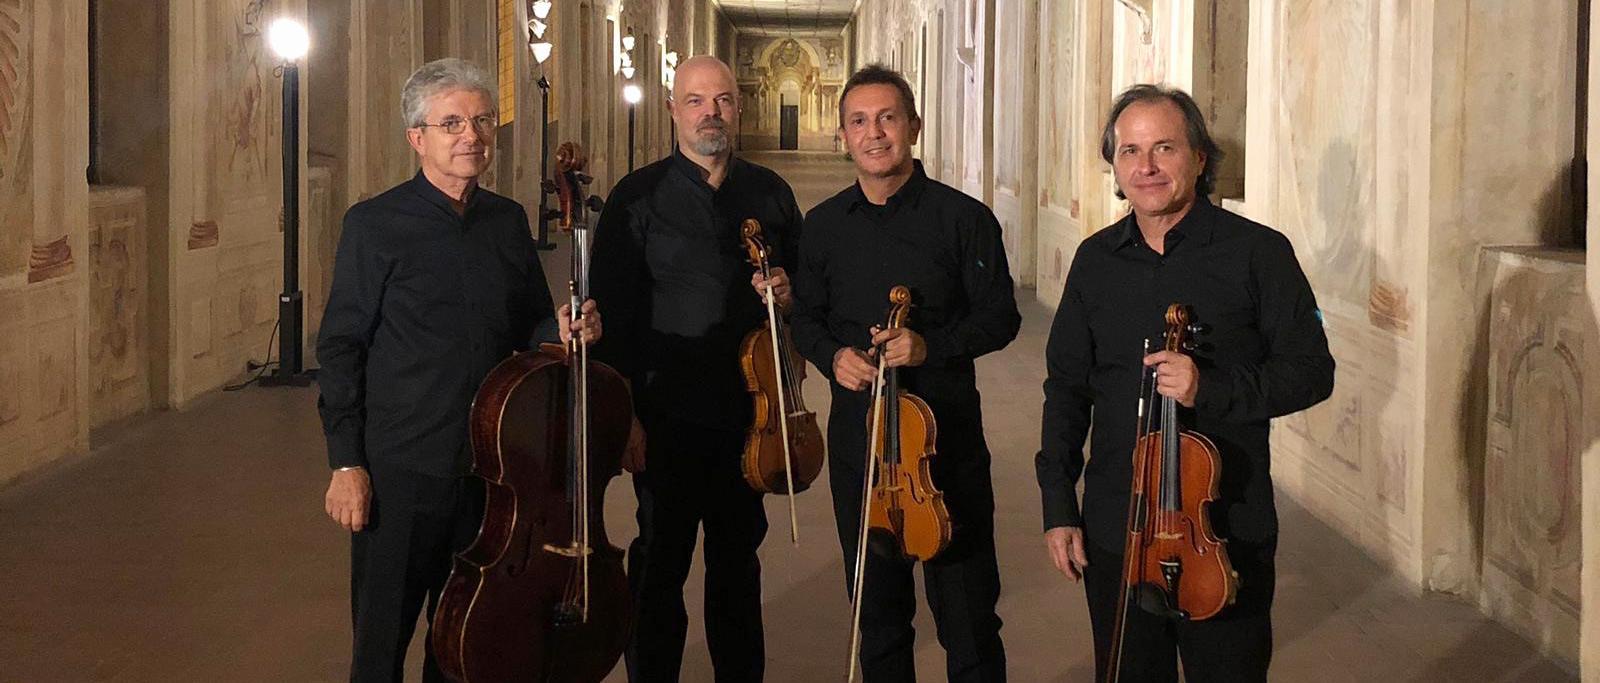 Quartetto dell'Orchestra da Camera di Mantova